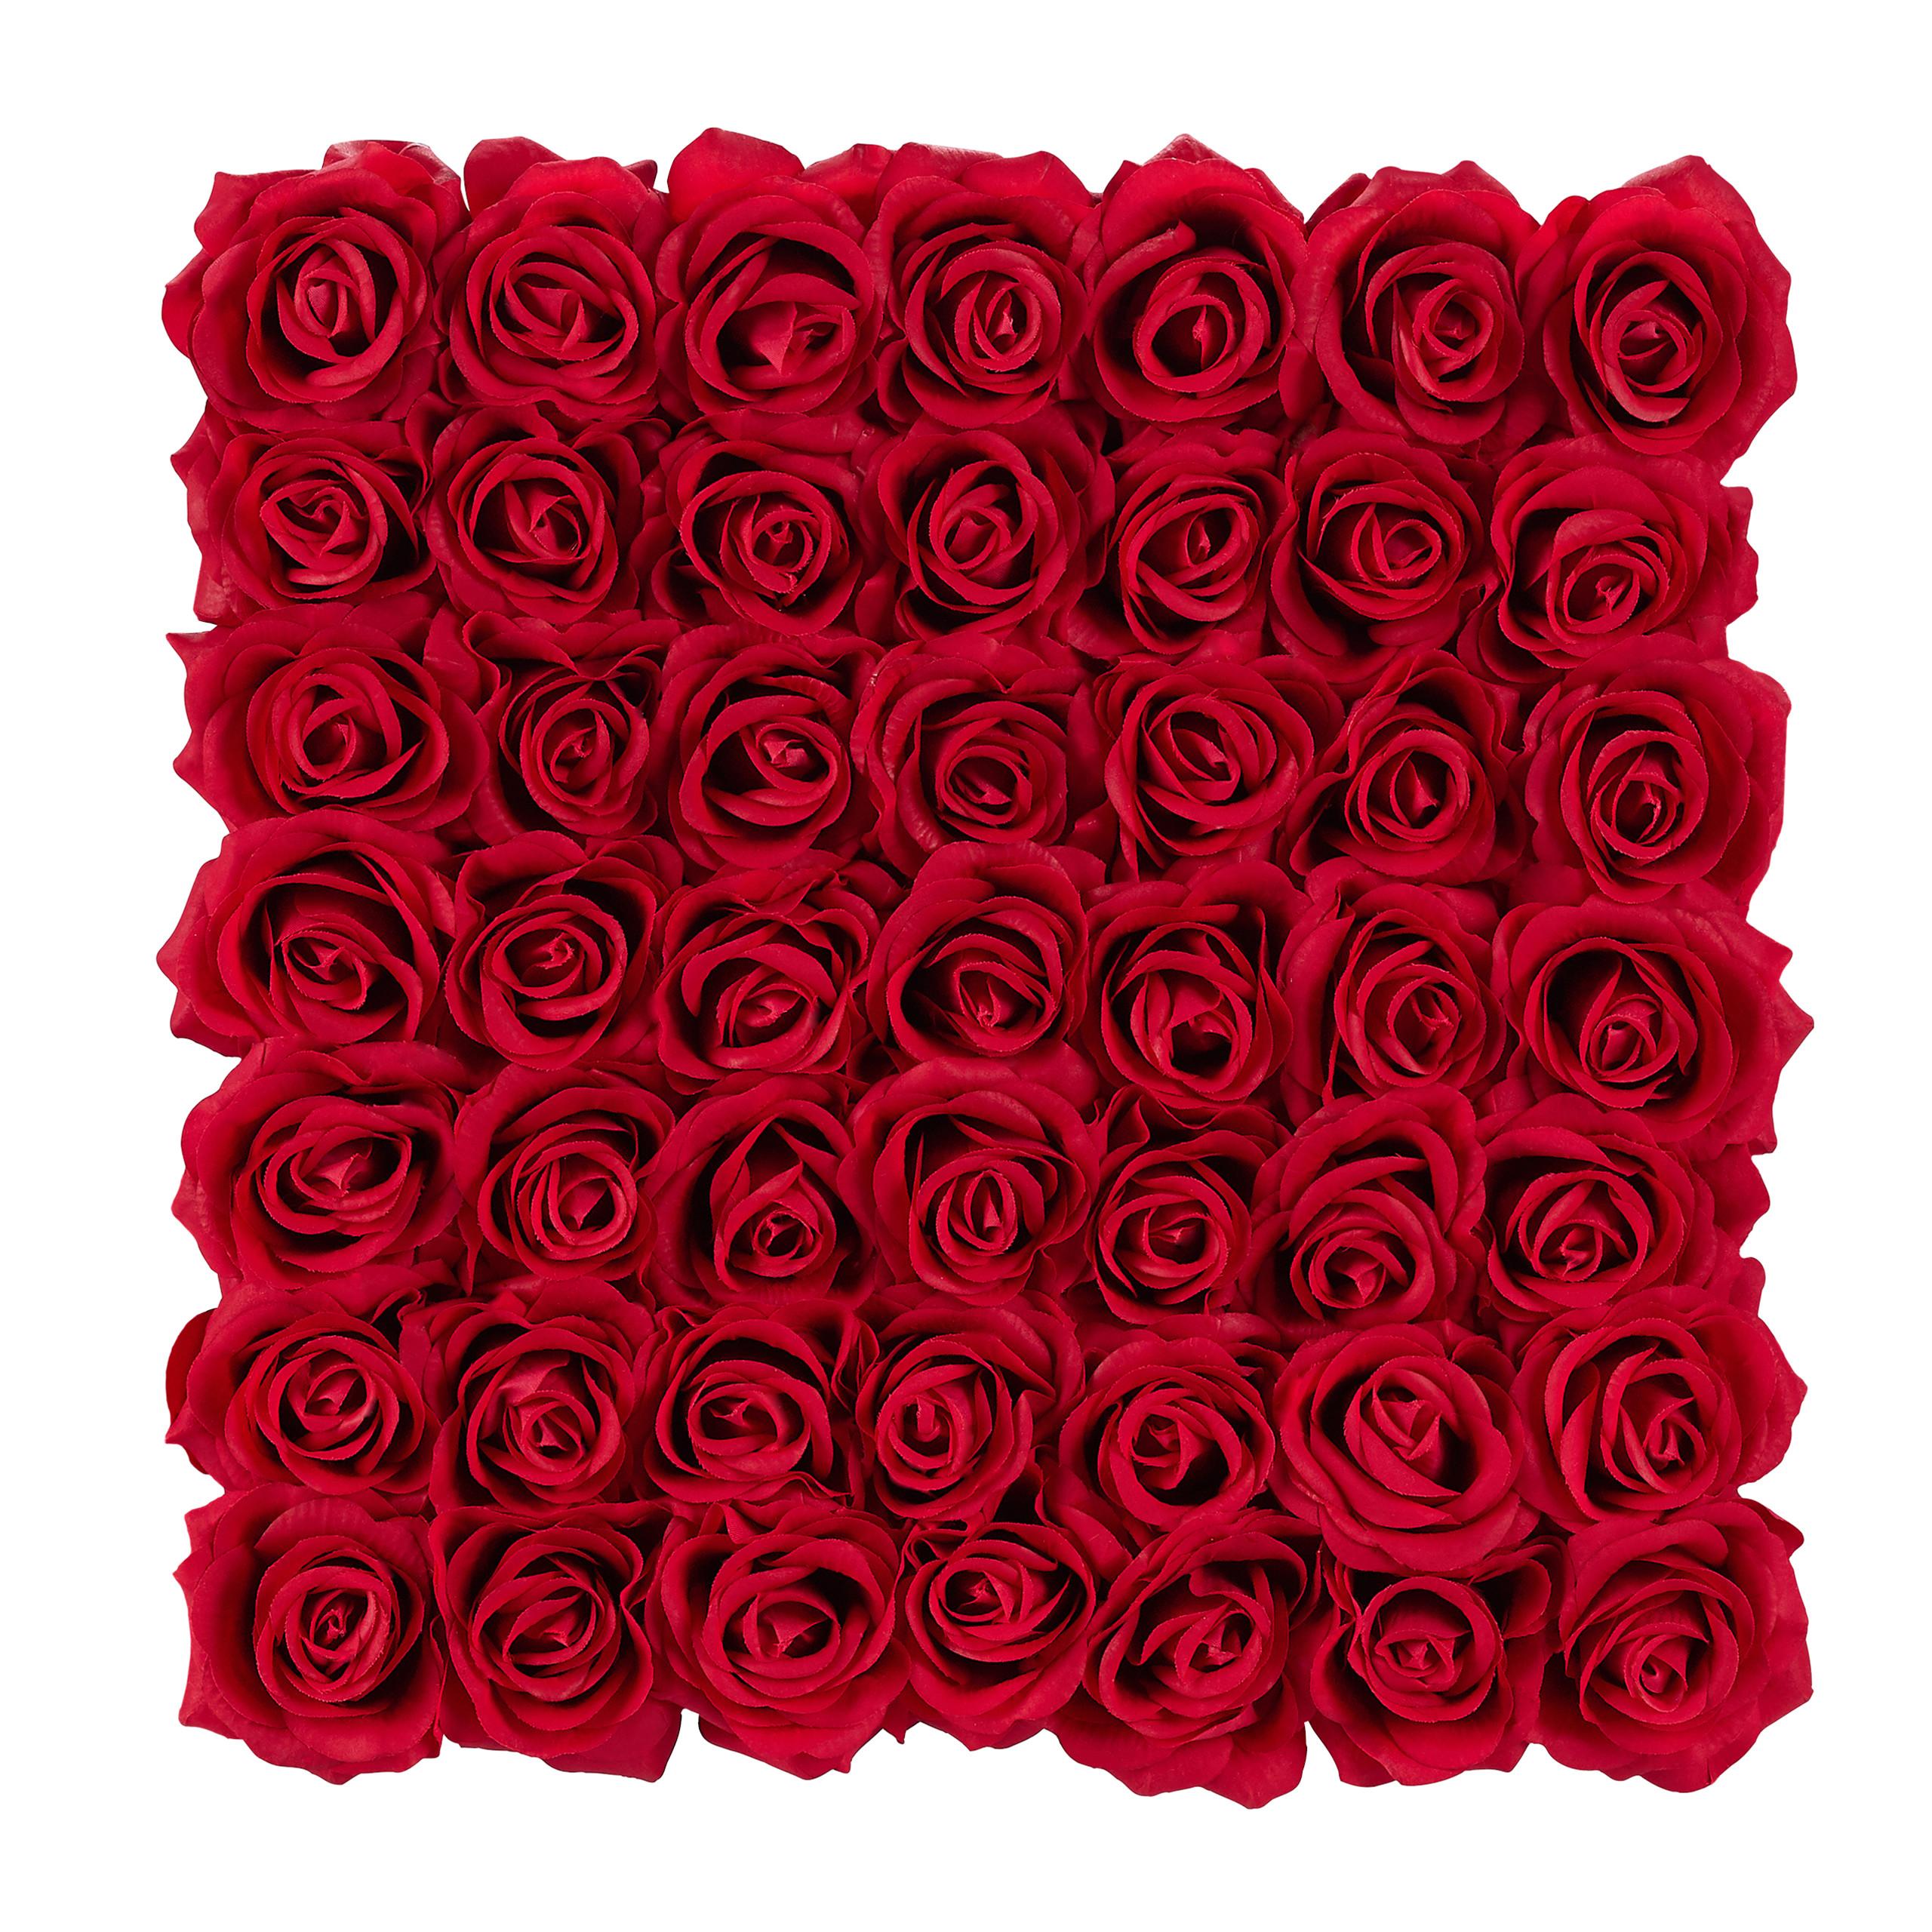 Rosenbox-Flowerbox-49-Kunstblumen-Valentinstag-Blumenbox-Deko-Ewige-Rosen-eckig Indexbild 11